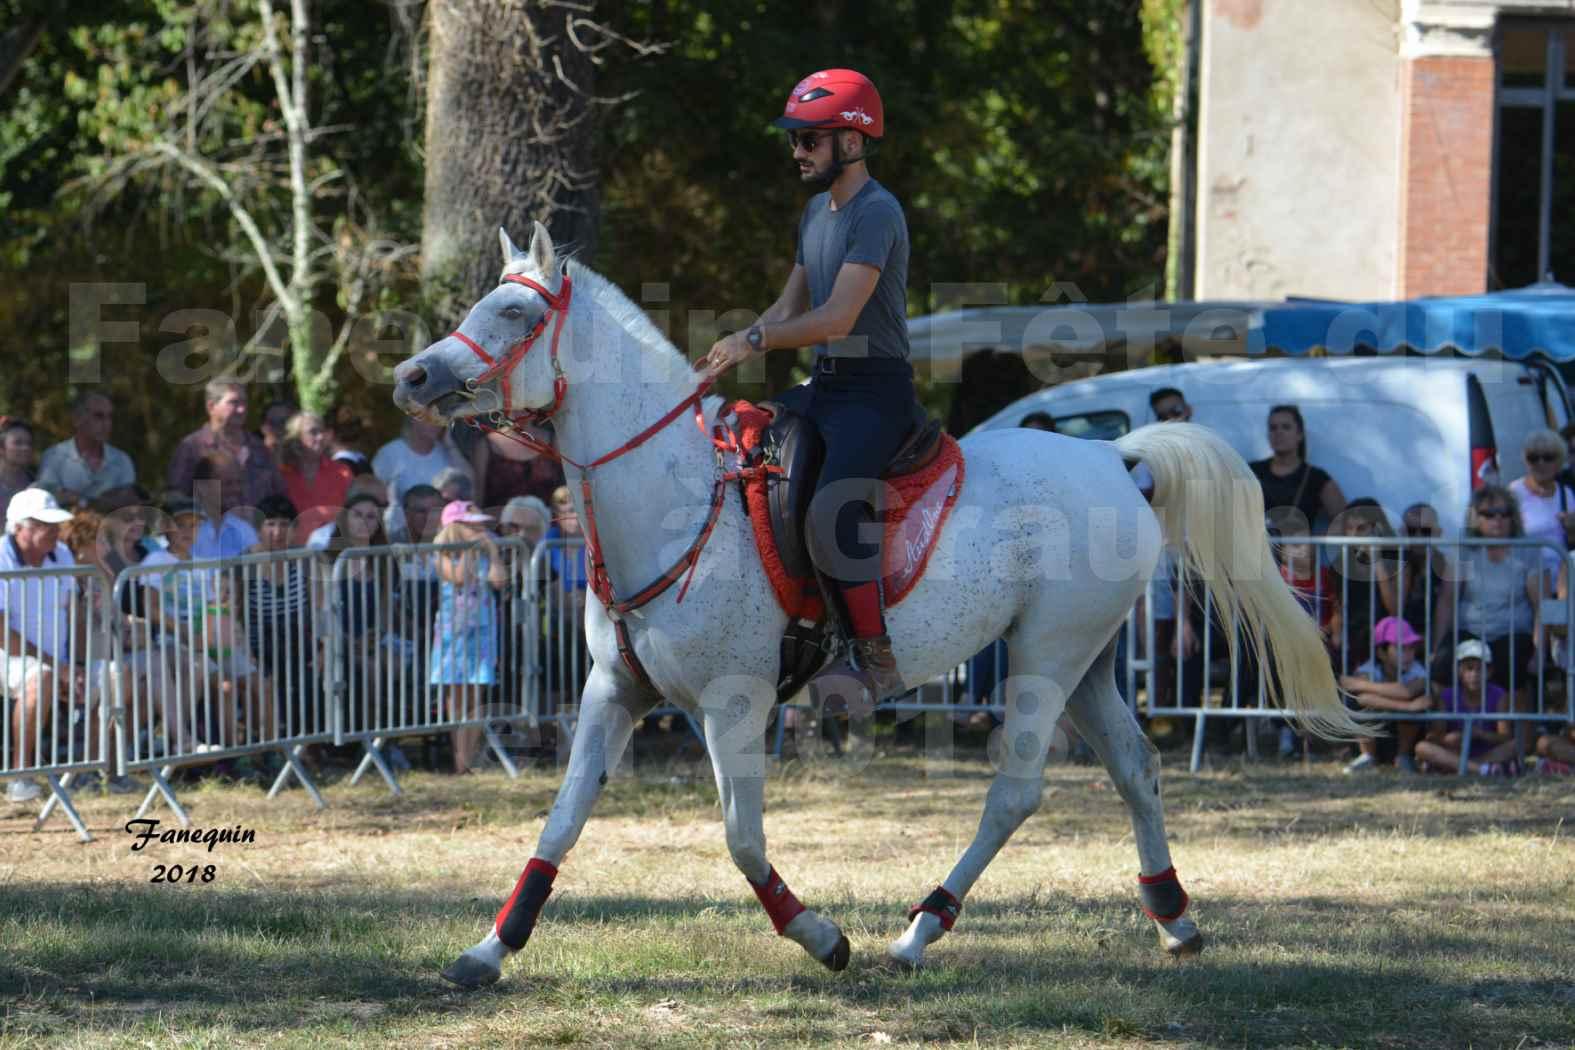 Fête du cheval à GRAULHET le 16 septembre 2018 - Présentation de chevaux Arabe Elevage de GACIA - 05